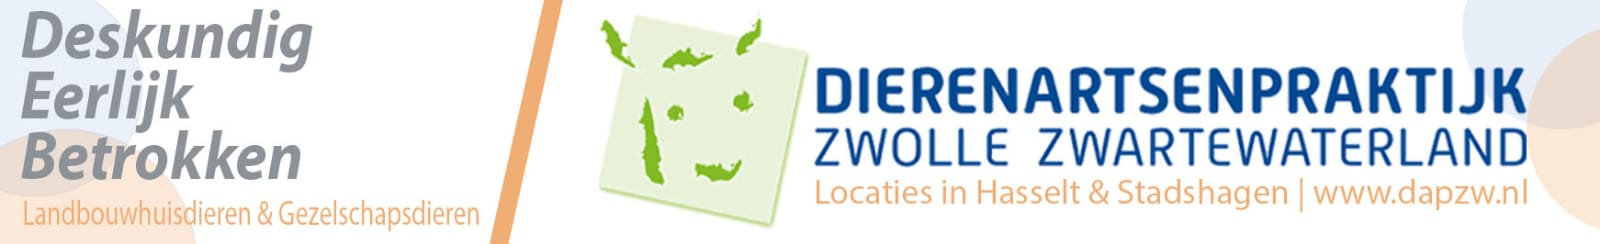 Dierenartsenpraktijk Zwolle Zwartewaterland